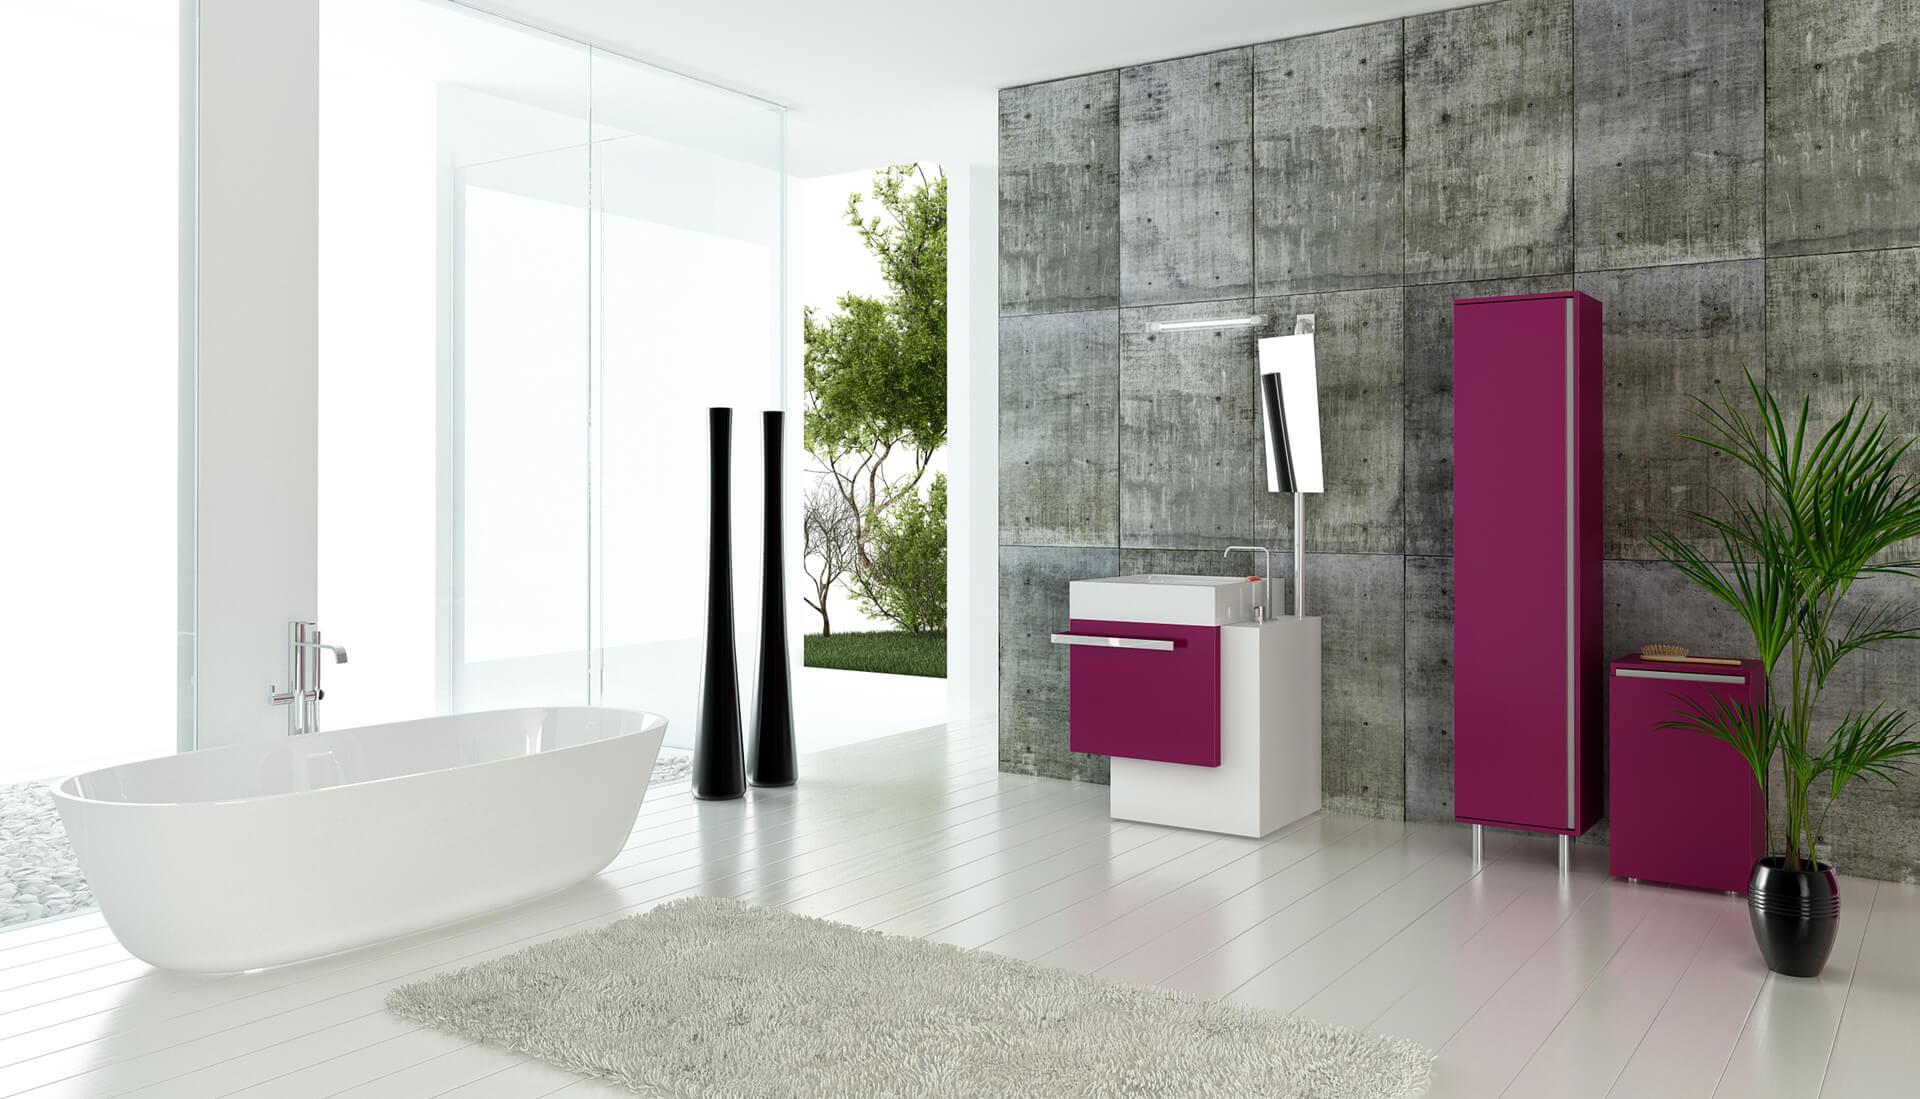 כלים סנטרים וארונות אמבטיה 4